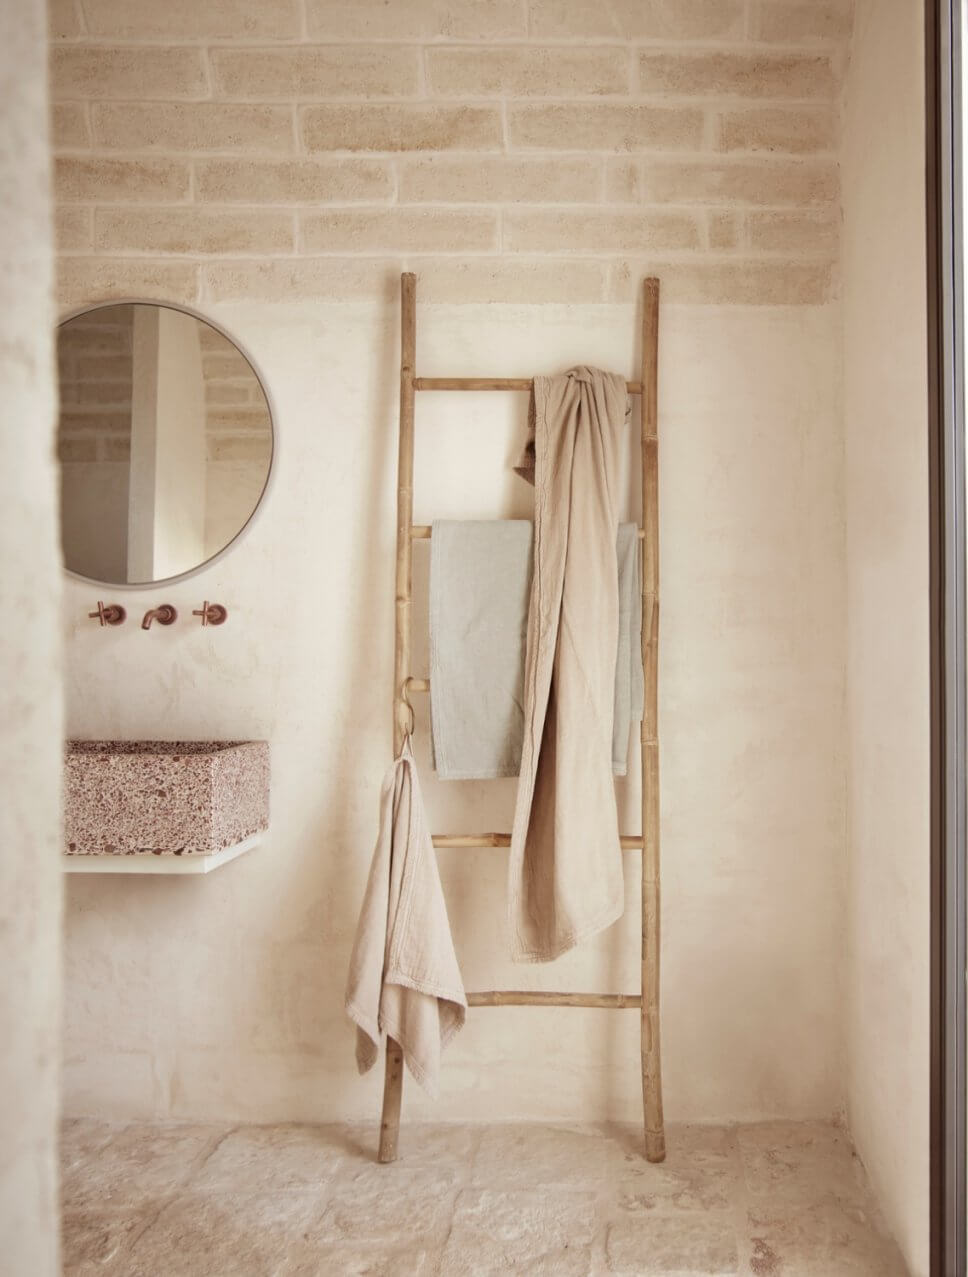 Badezimmer mit Handtuchleiter aus Bambus und Waschbecken in mediterranem Haus mit steinerner Gewölbedecke